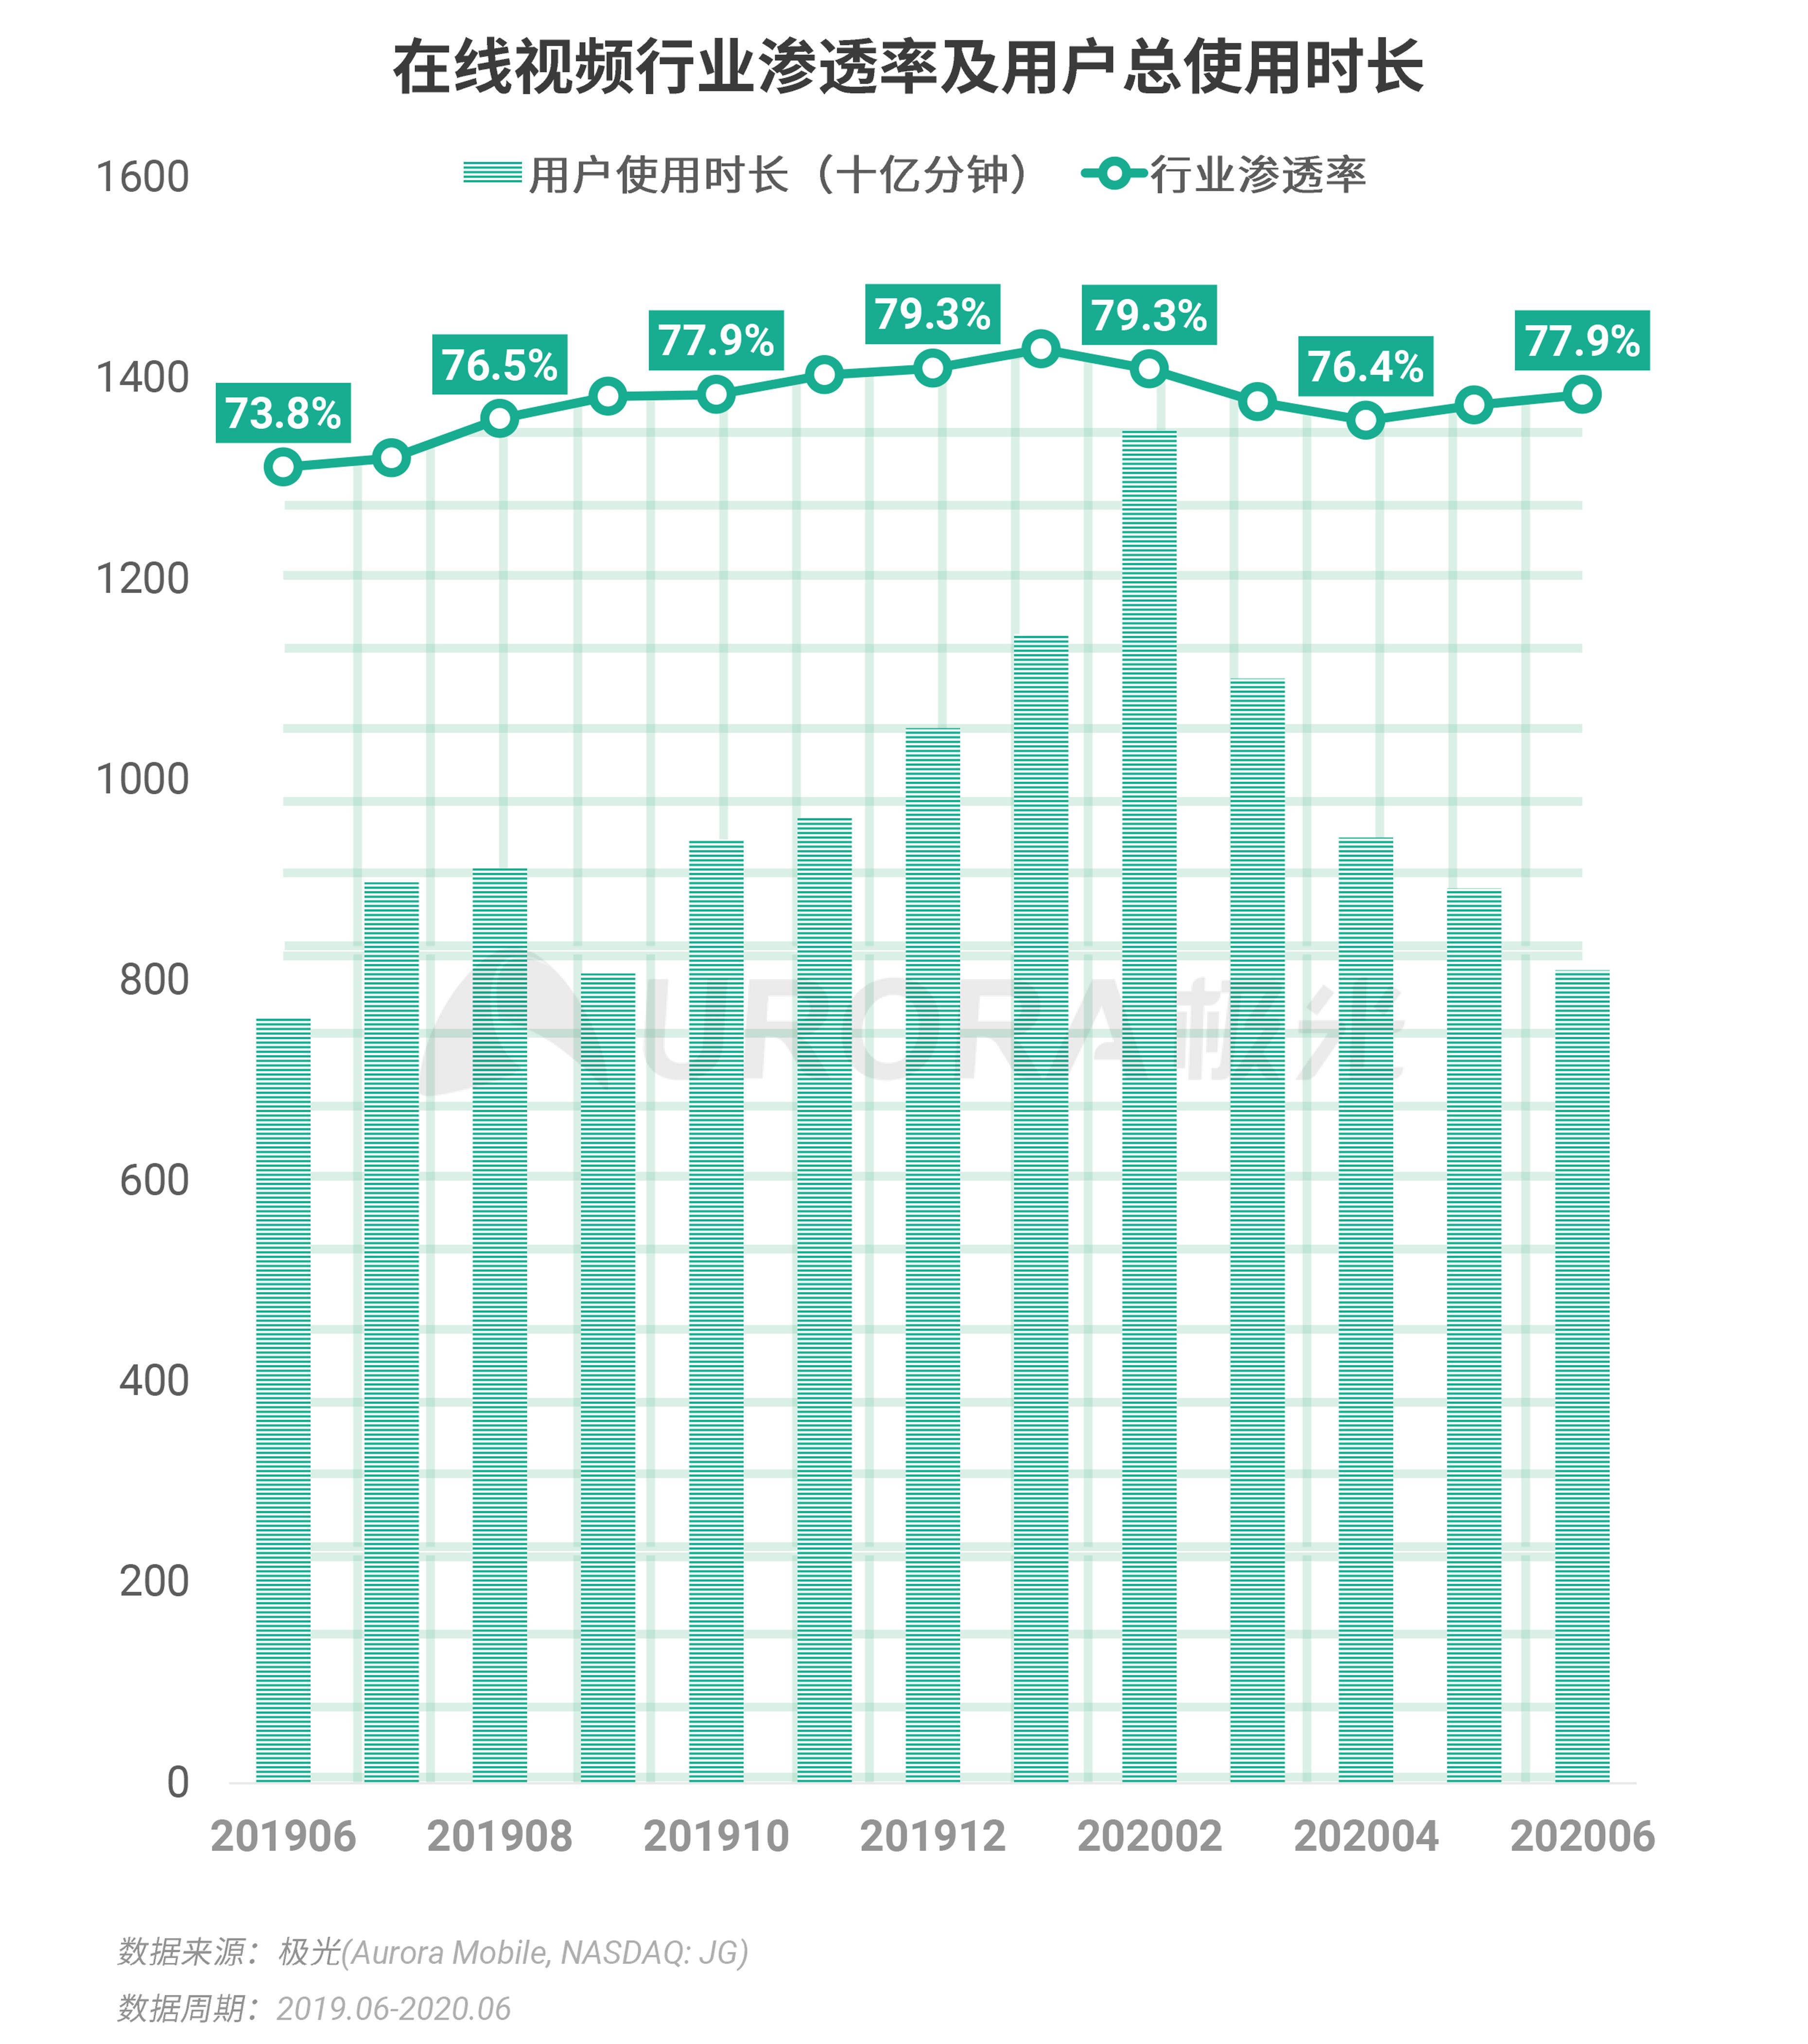 极光:2020Q2互联网行业数据研究报告 (17).png